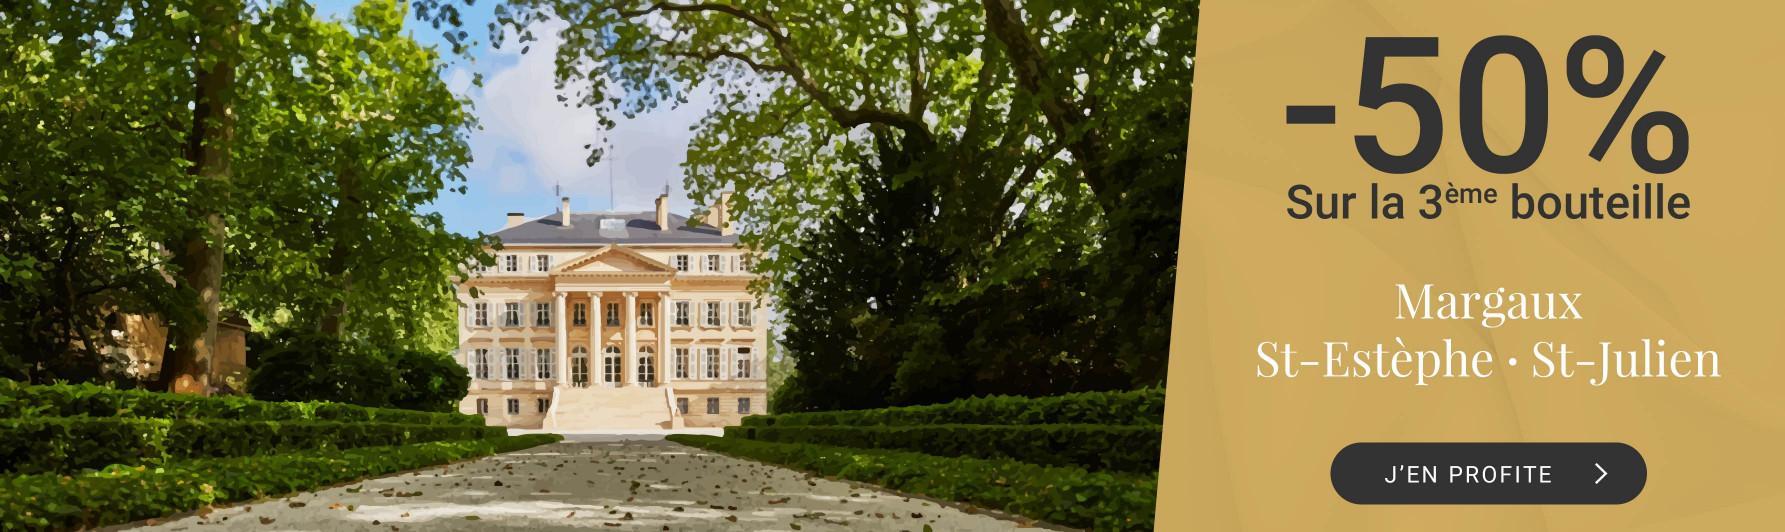 -50% sur la 3ème caisse de Margaux, Saint-Estèphe ou Saint-Julien